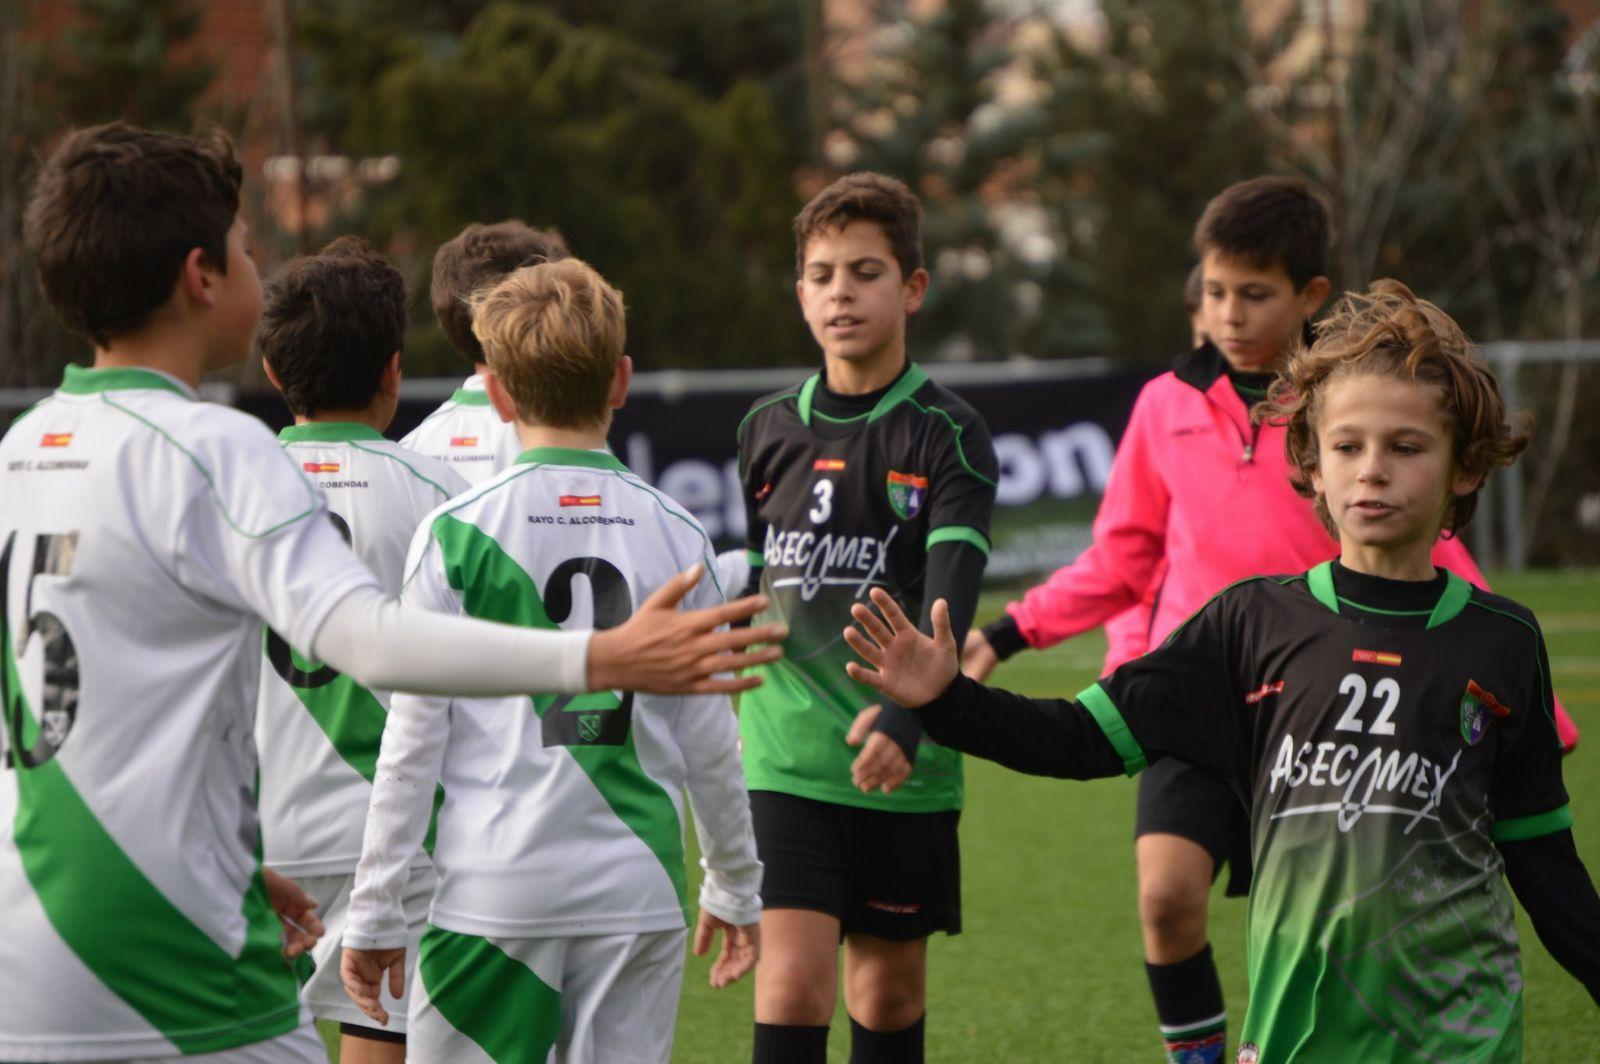 El Alevín A disputó la fase final del Torneo Madrid Total Cup